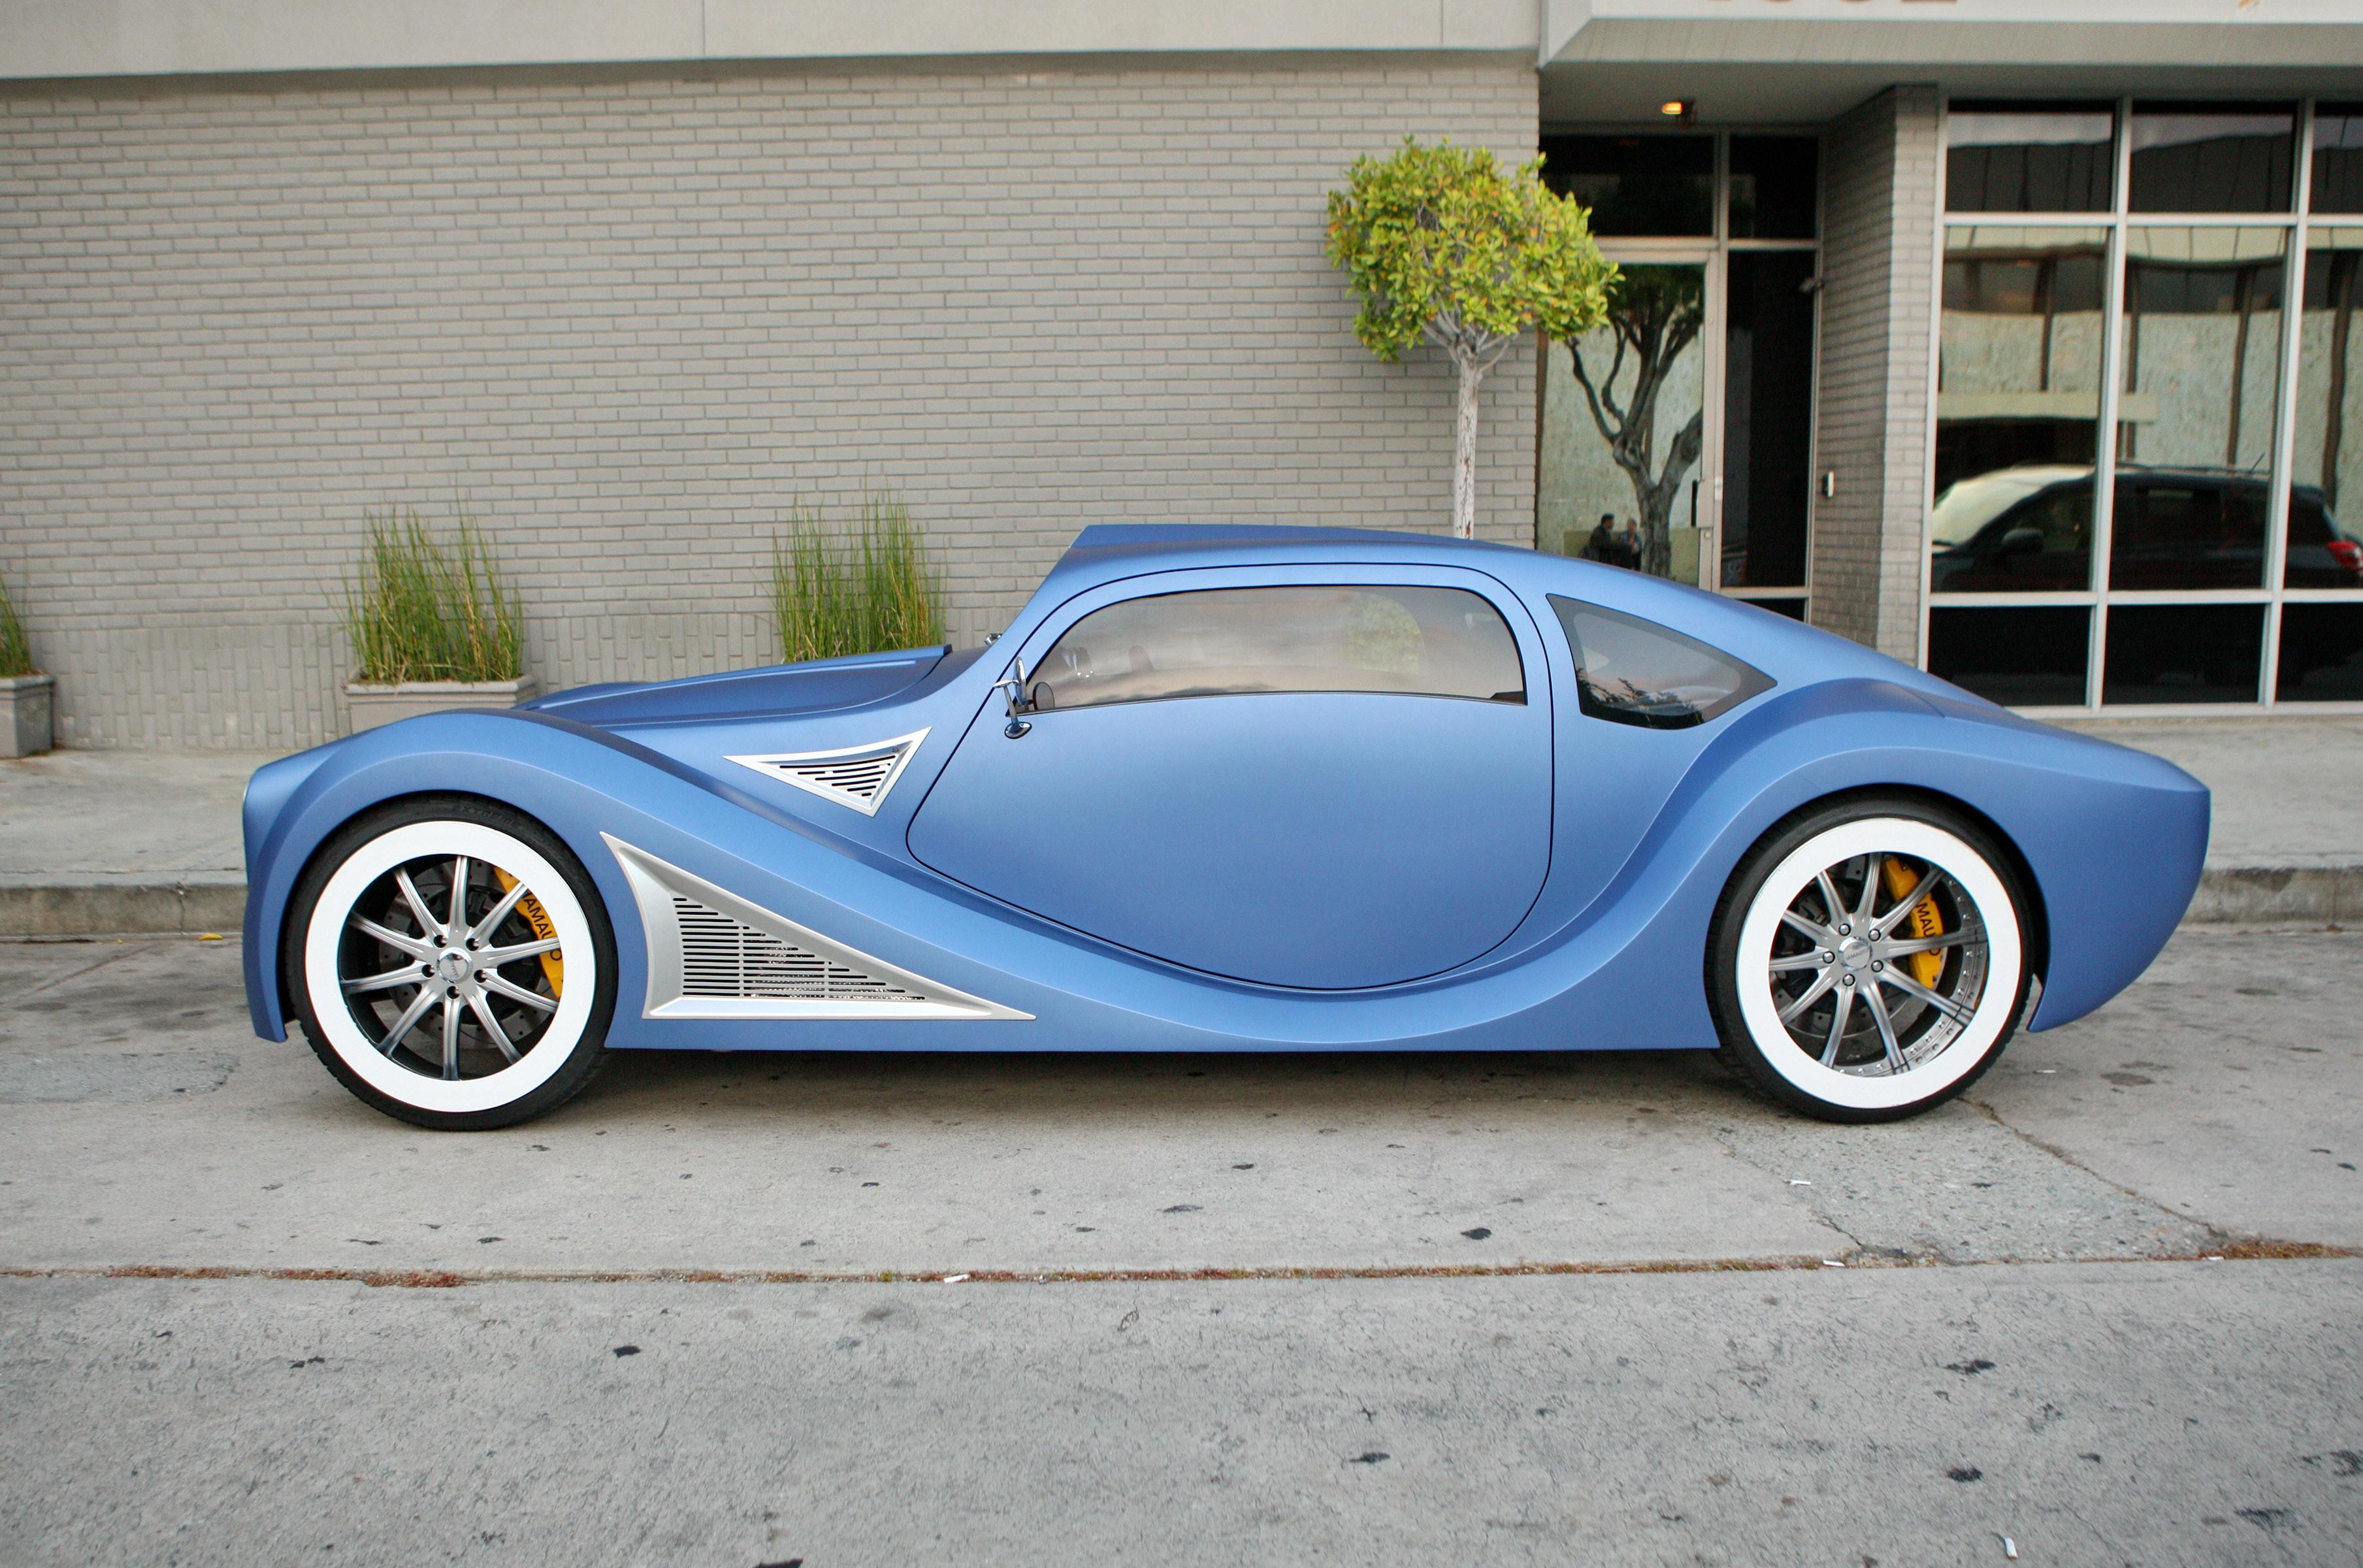 Wallpaper Will I Am Iamauto Custom Cars Will I Am Sports Car Car Speed Test Drive Cars